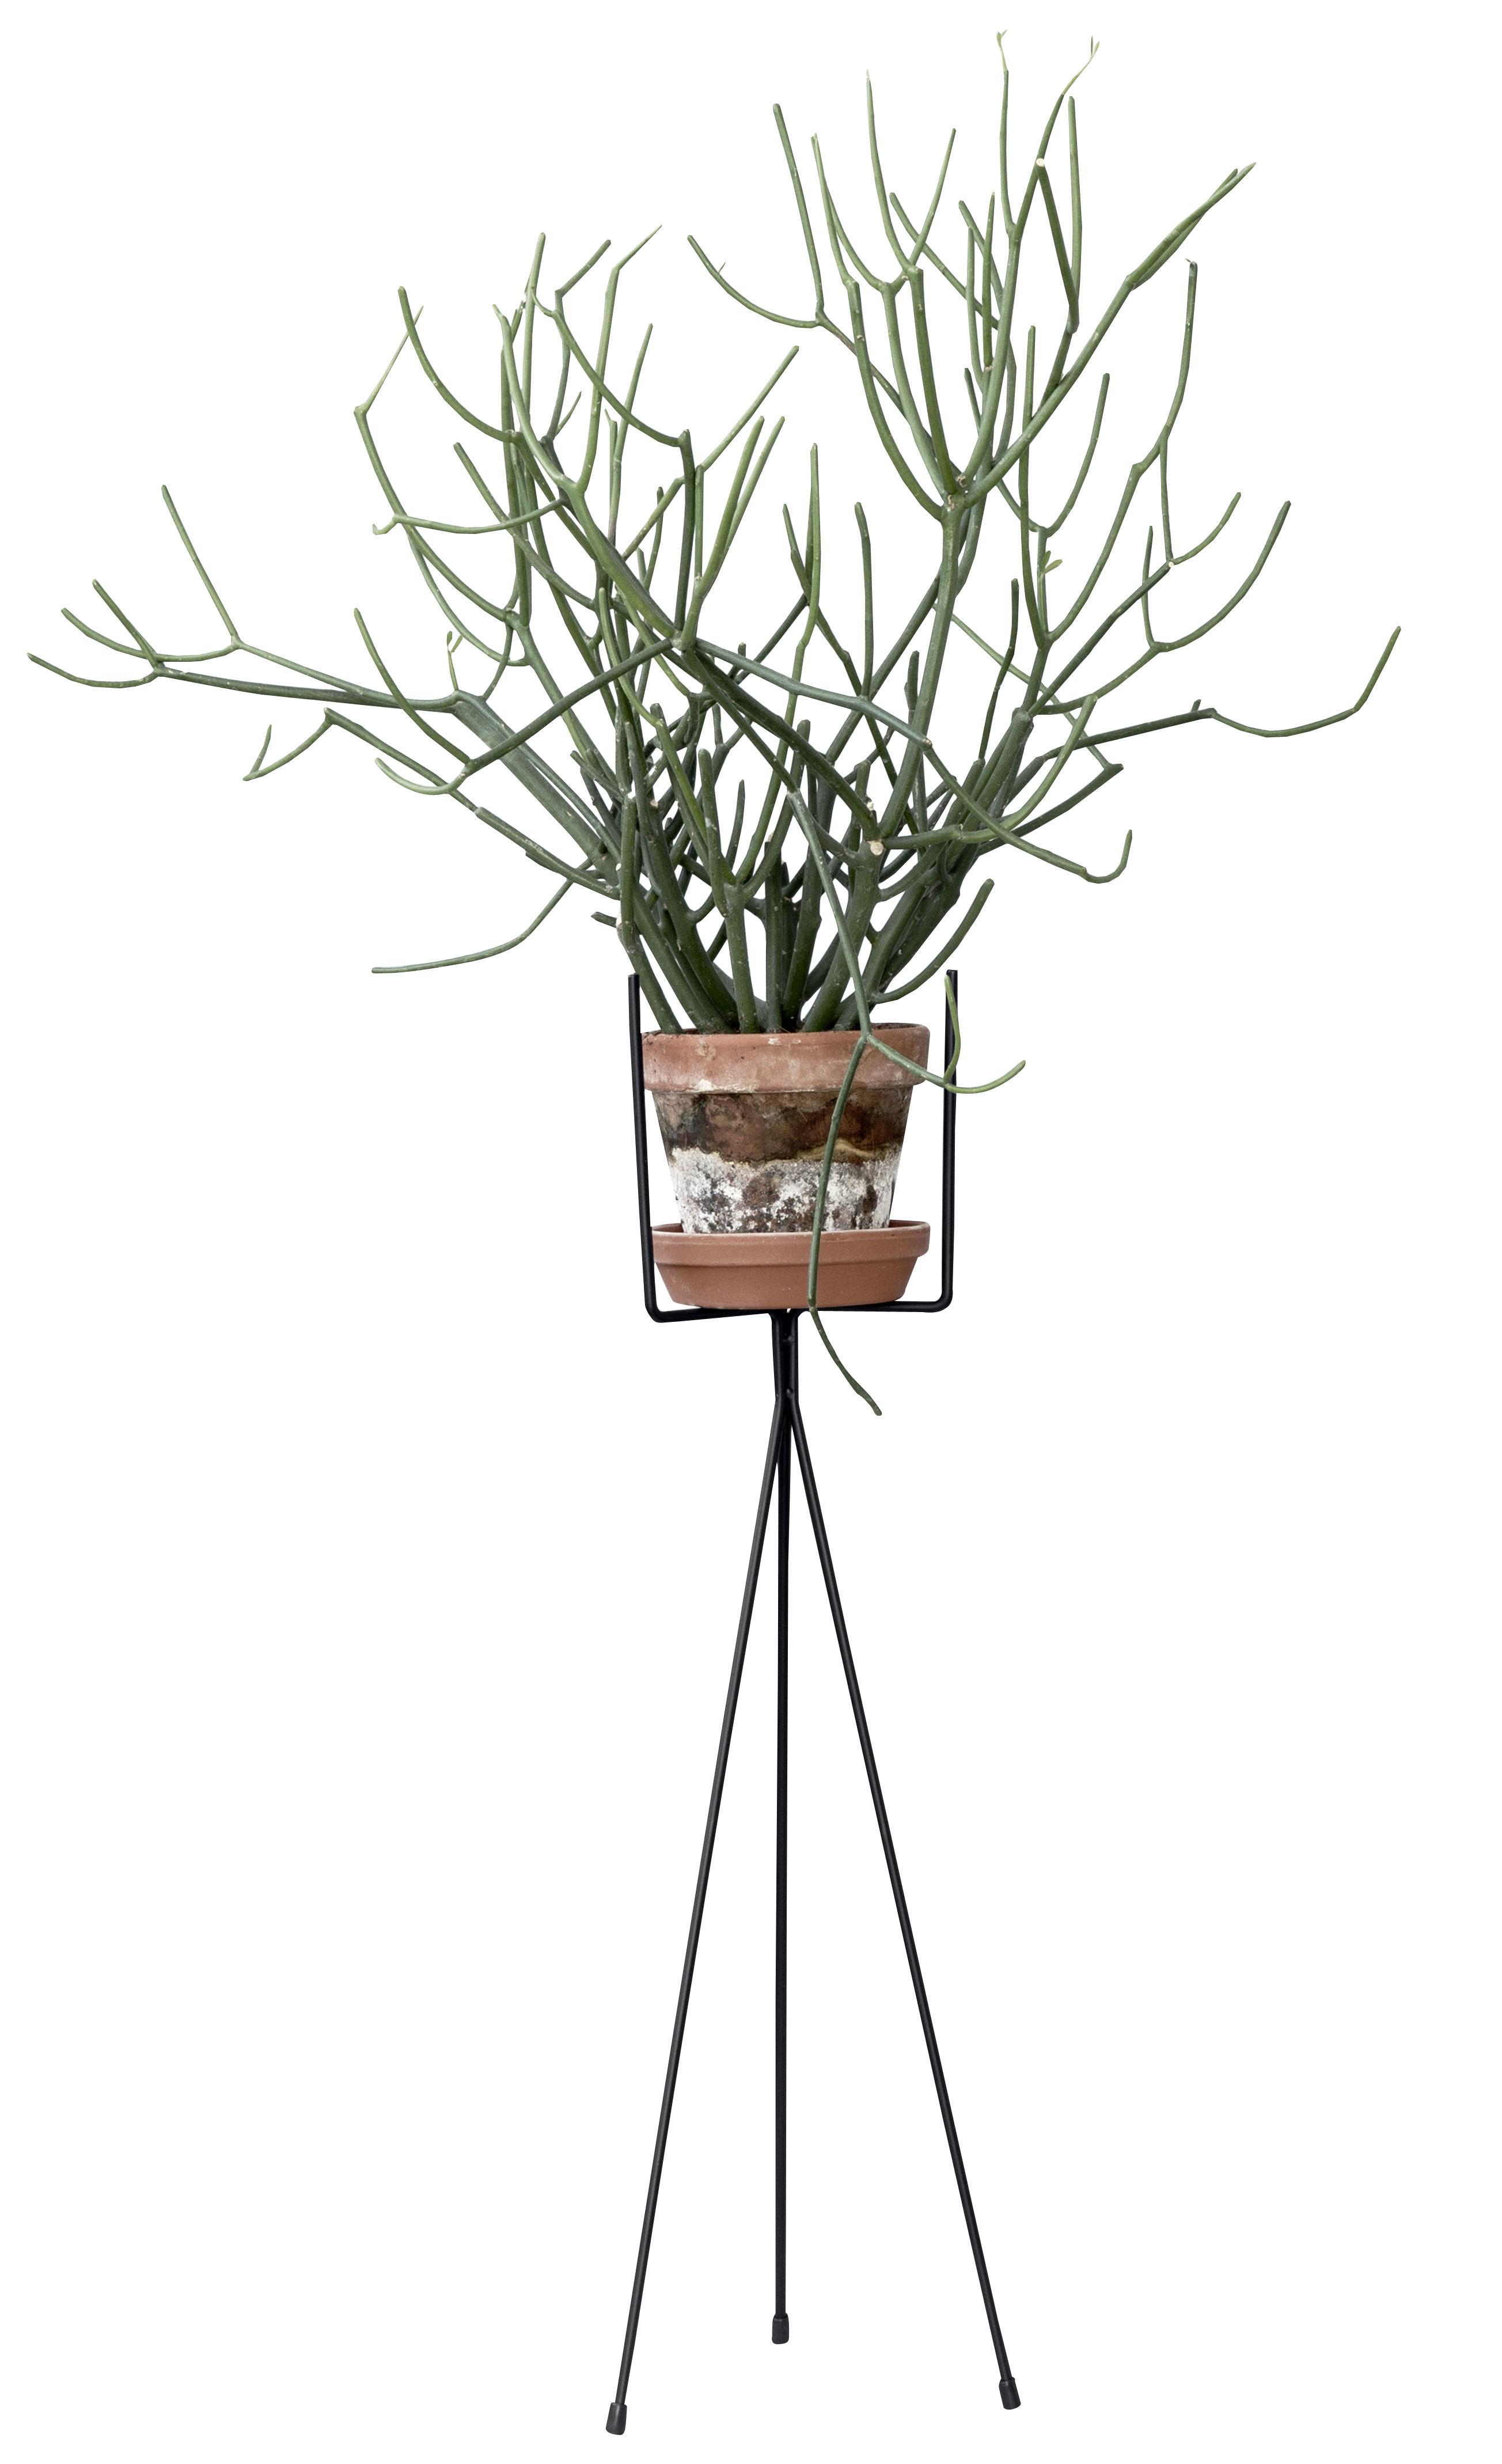 Dekoration - Töpfe und Pflanzen - Plant Stand LARGE Halterung für Blumentopf / für Blumentöpfe - H 65 cm - Ferm Living - H 65 cm / schwarz - lackierter Stahl